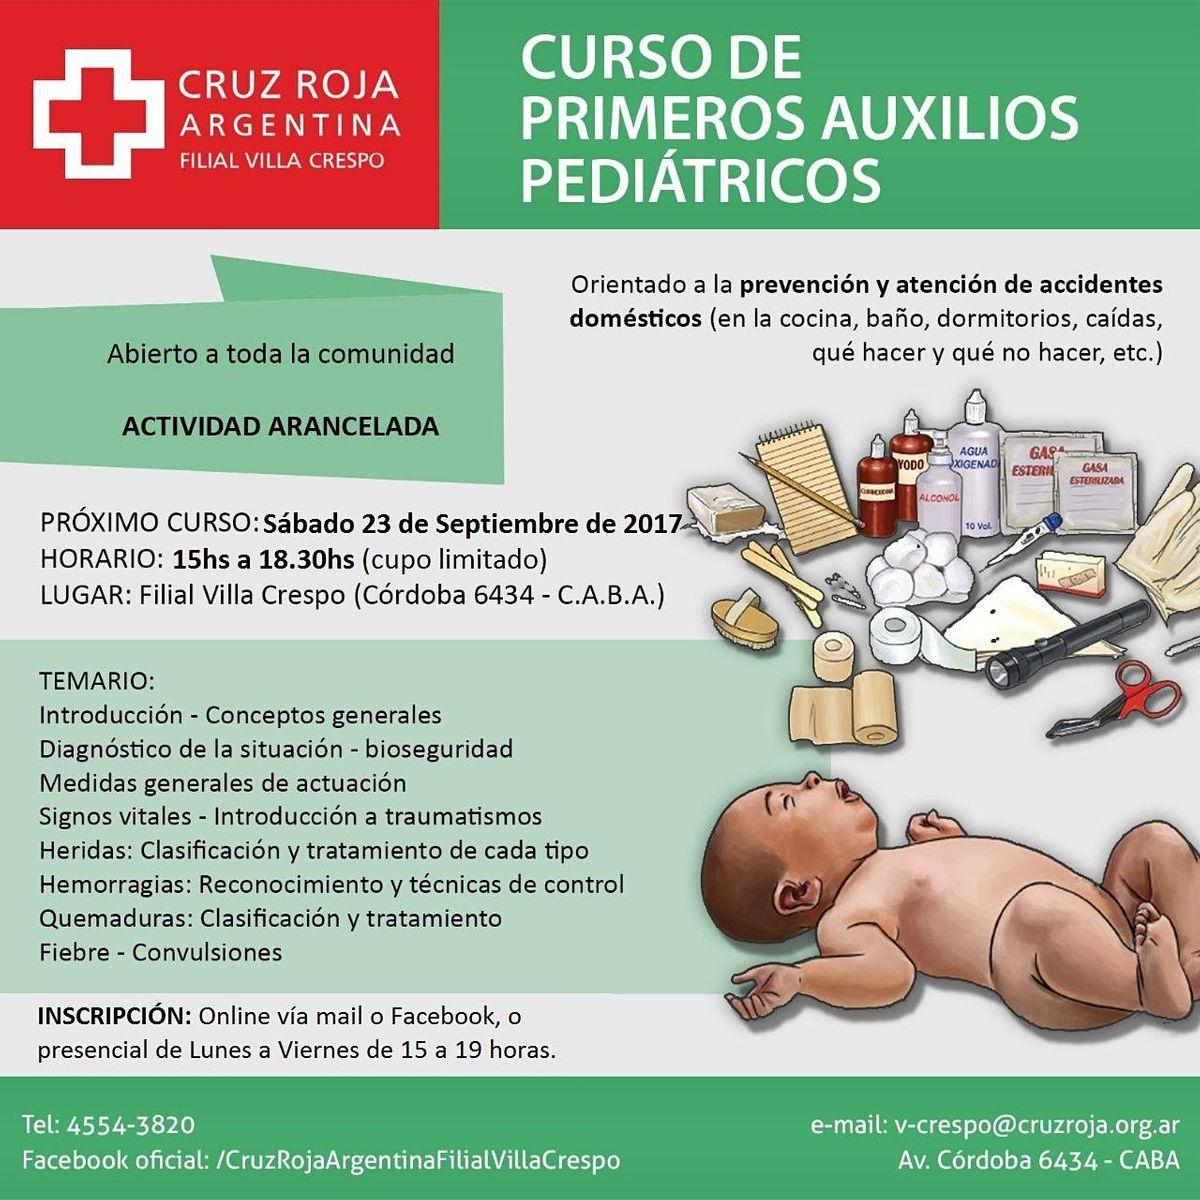 Curso de RCP en Cruz Roja (sábado 31-10-20) - Duración 4 hs., 31 October | Event in Ciudad Autónoma de Buenos Aires